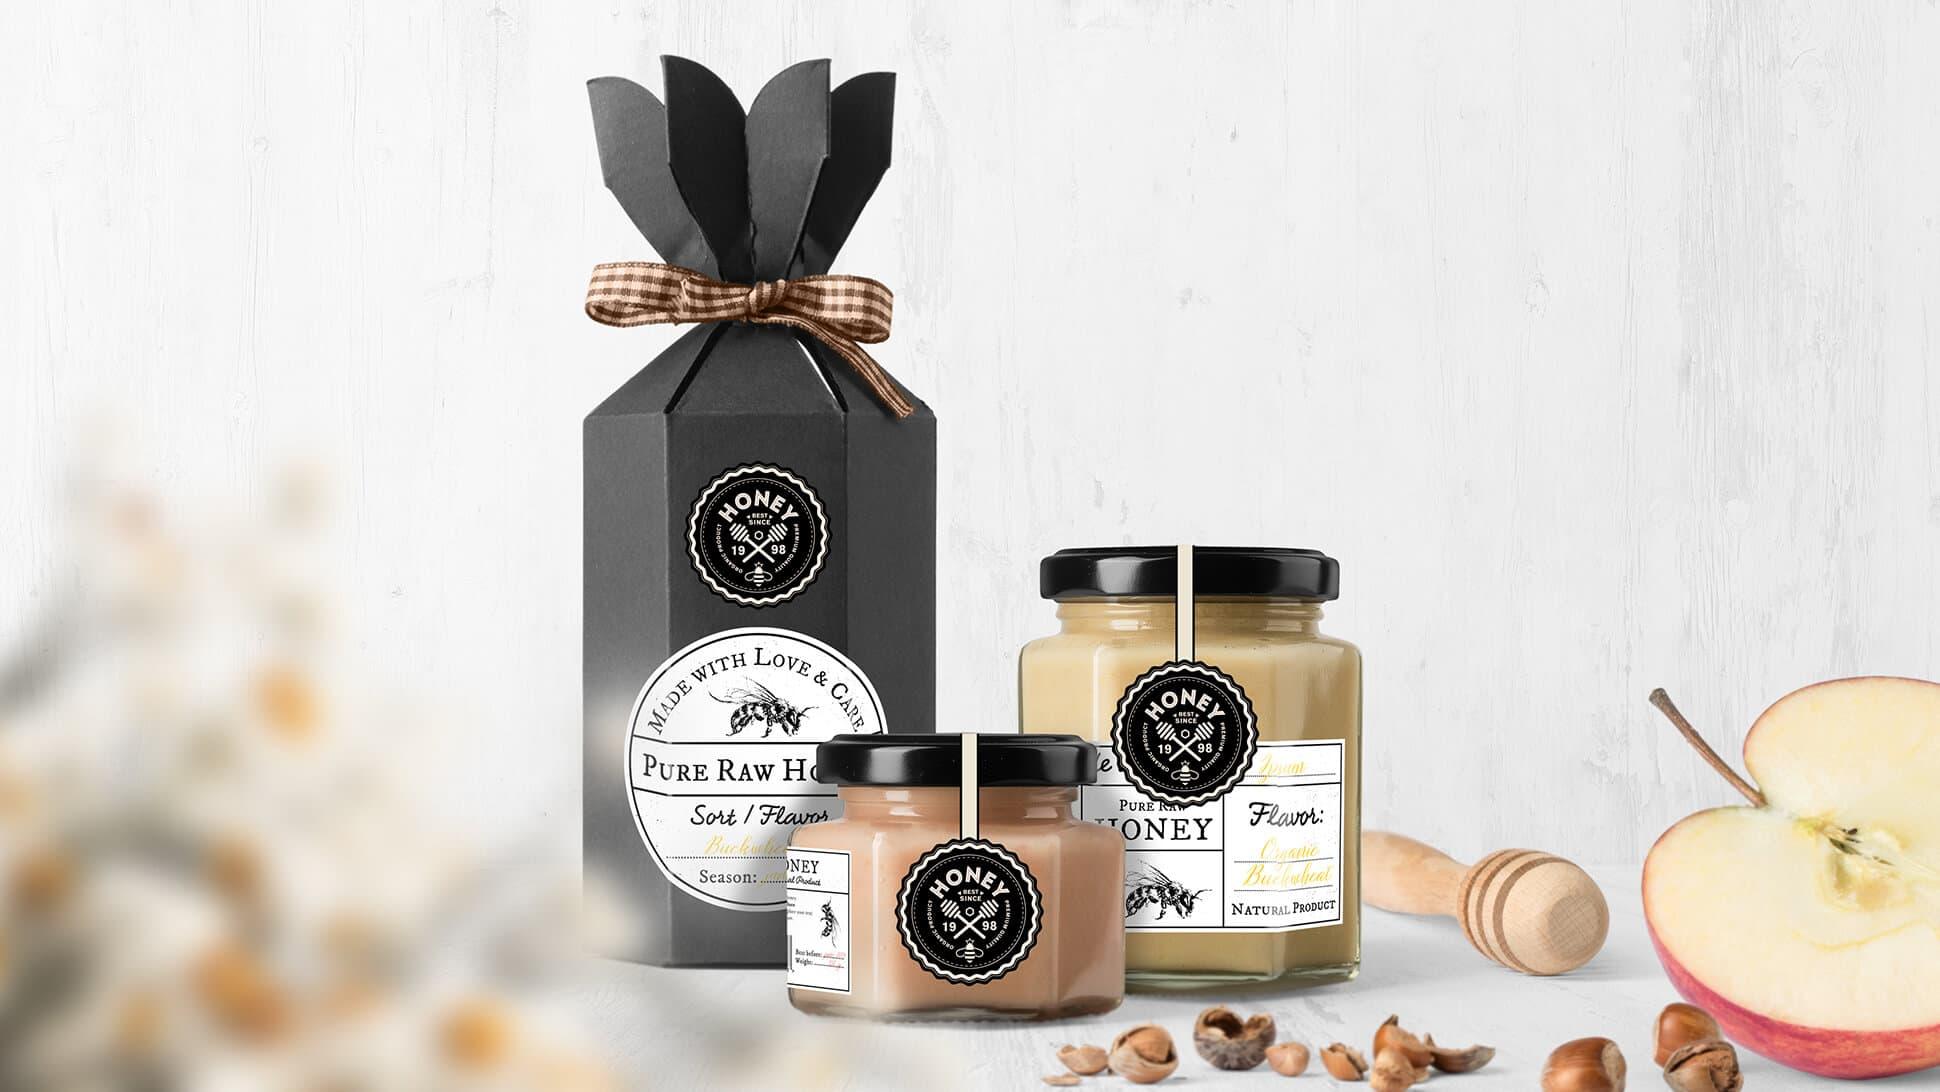 Etichette per barattoli di miele con sigillo di garanzia | tictac.it